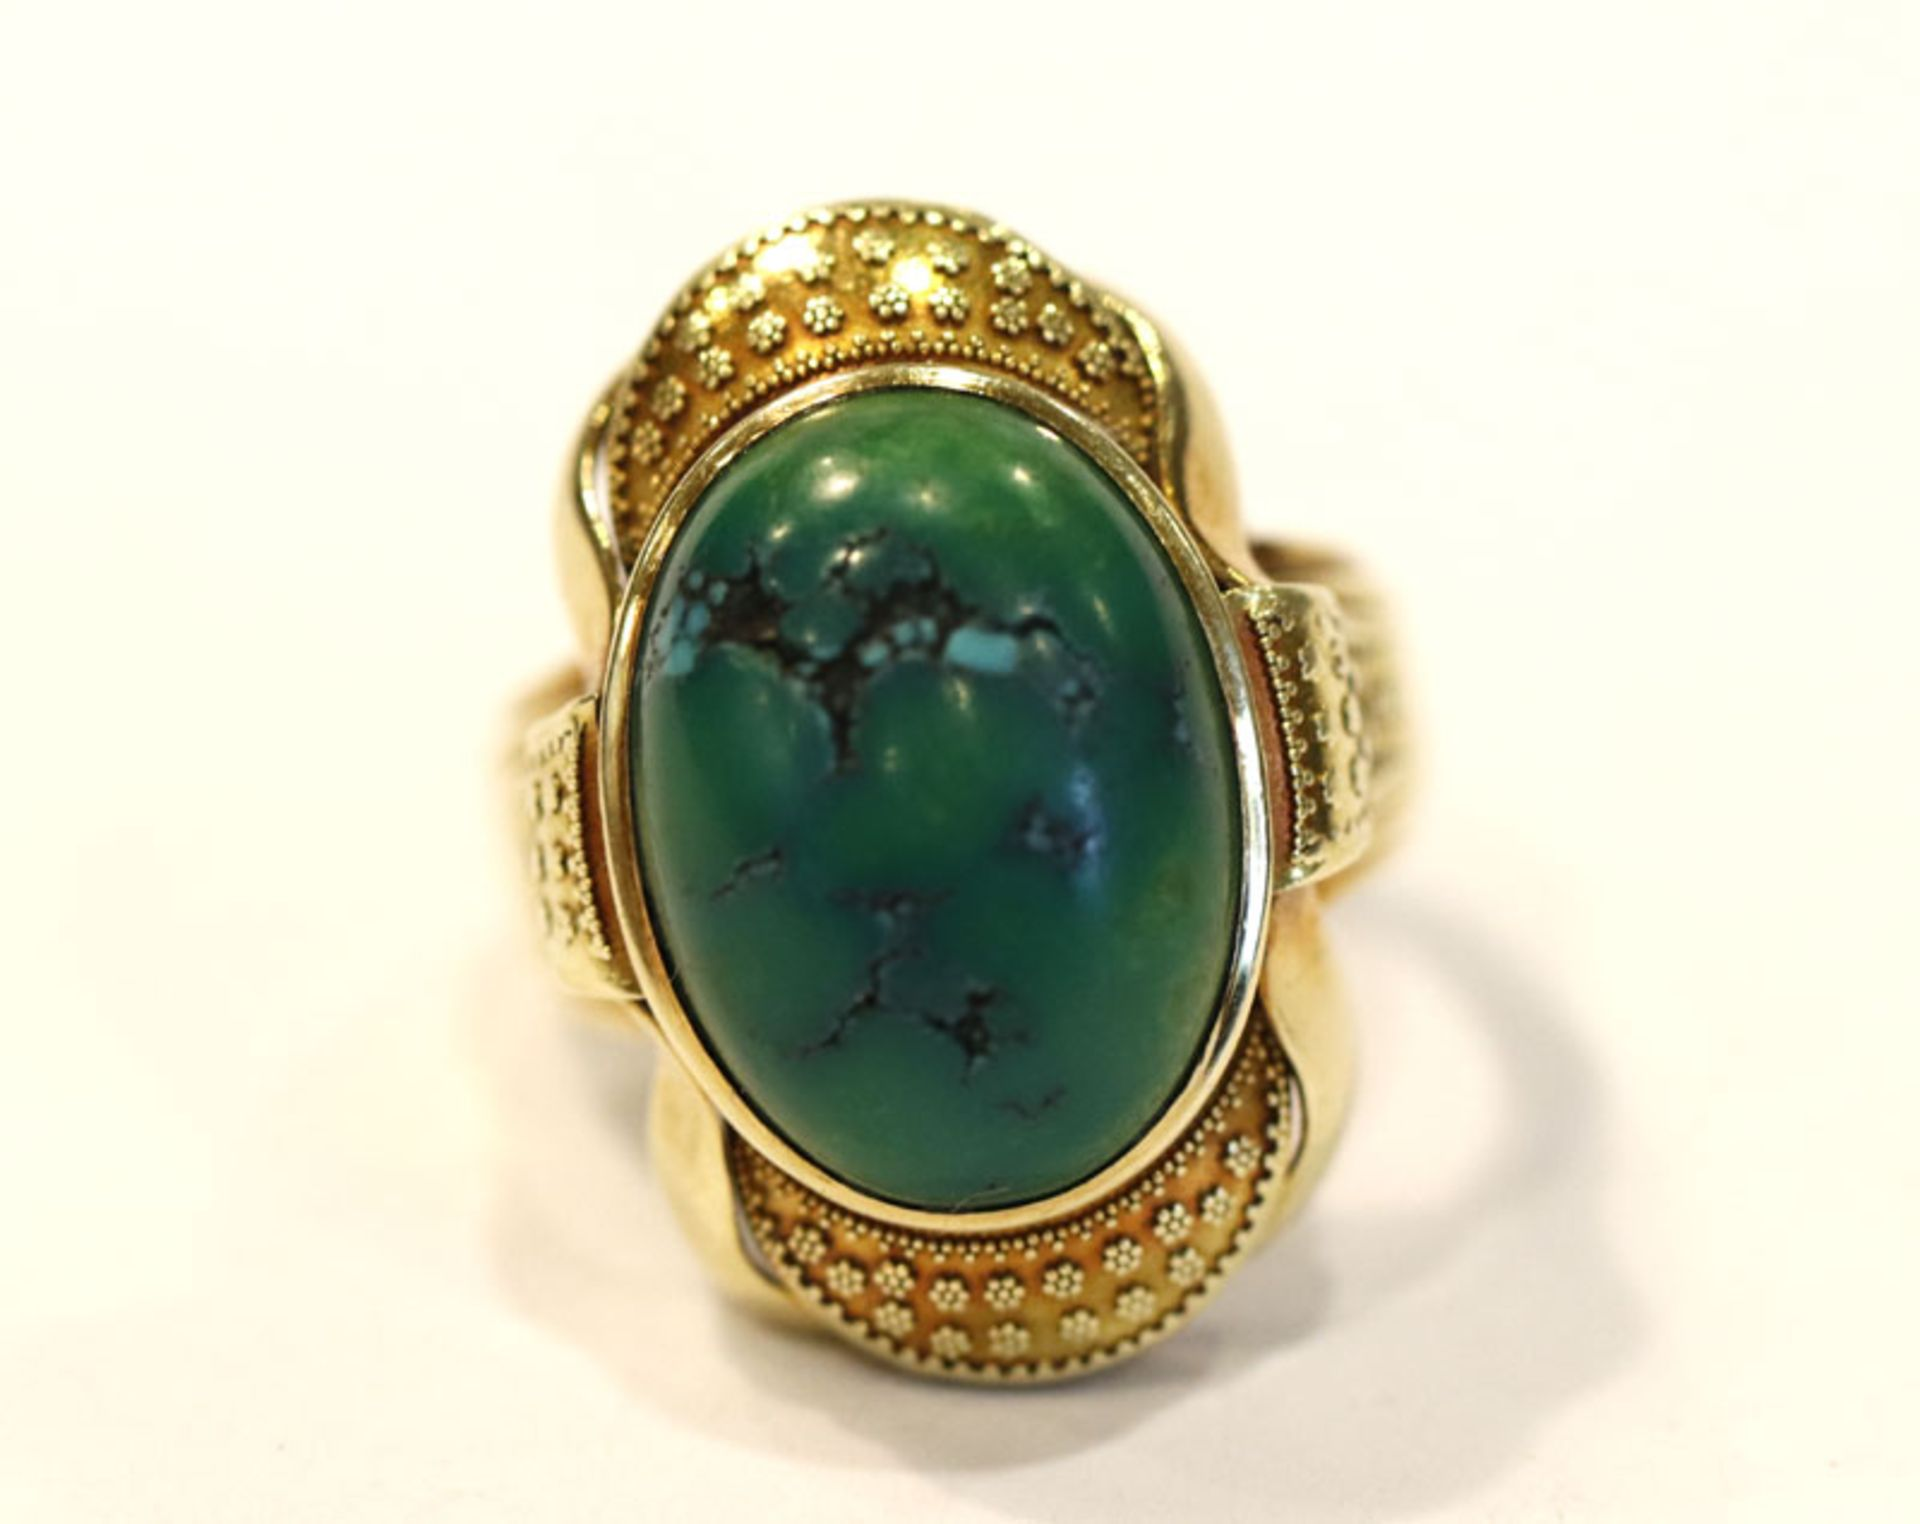 14 k Gelbgold Ring mit grünem Farbstein, Handarbeit, 12,7 gr., Gr. 60